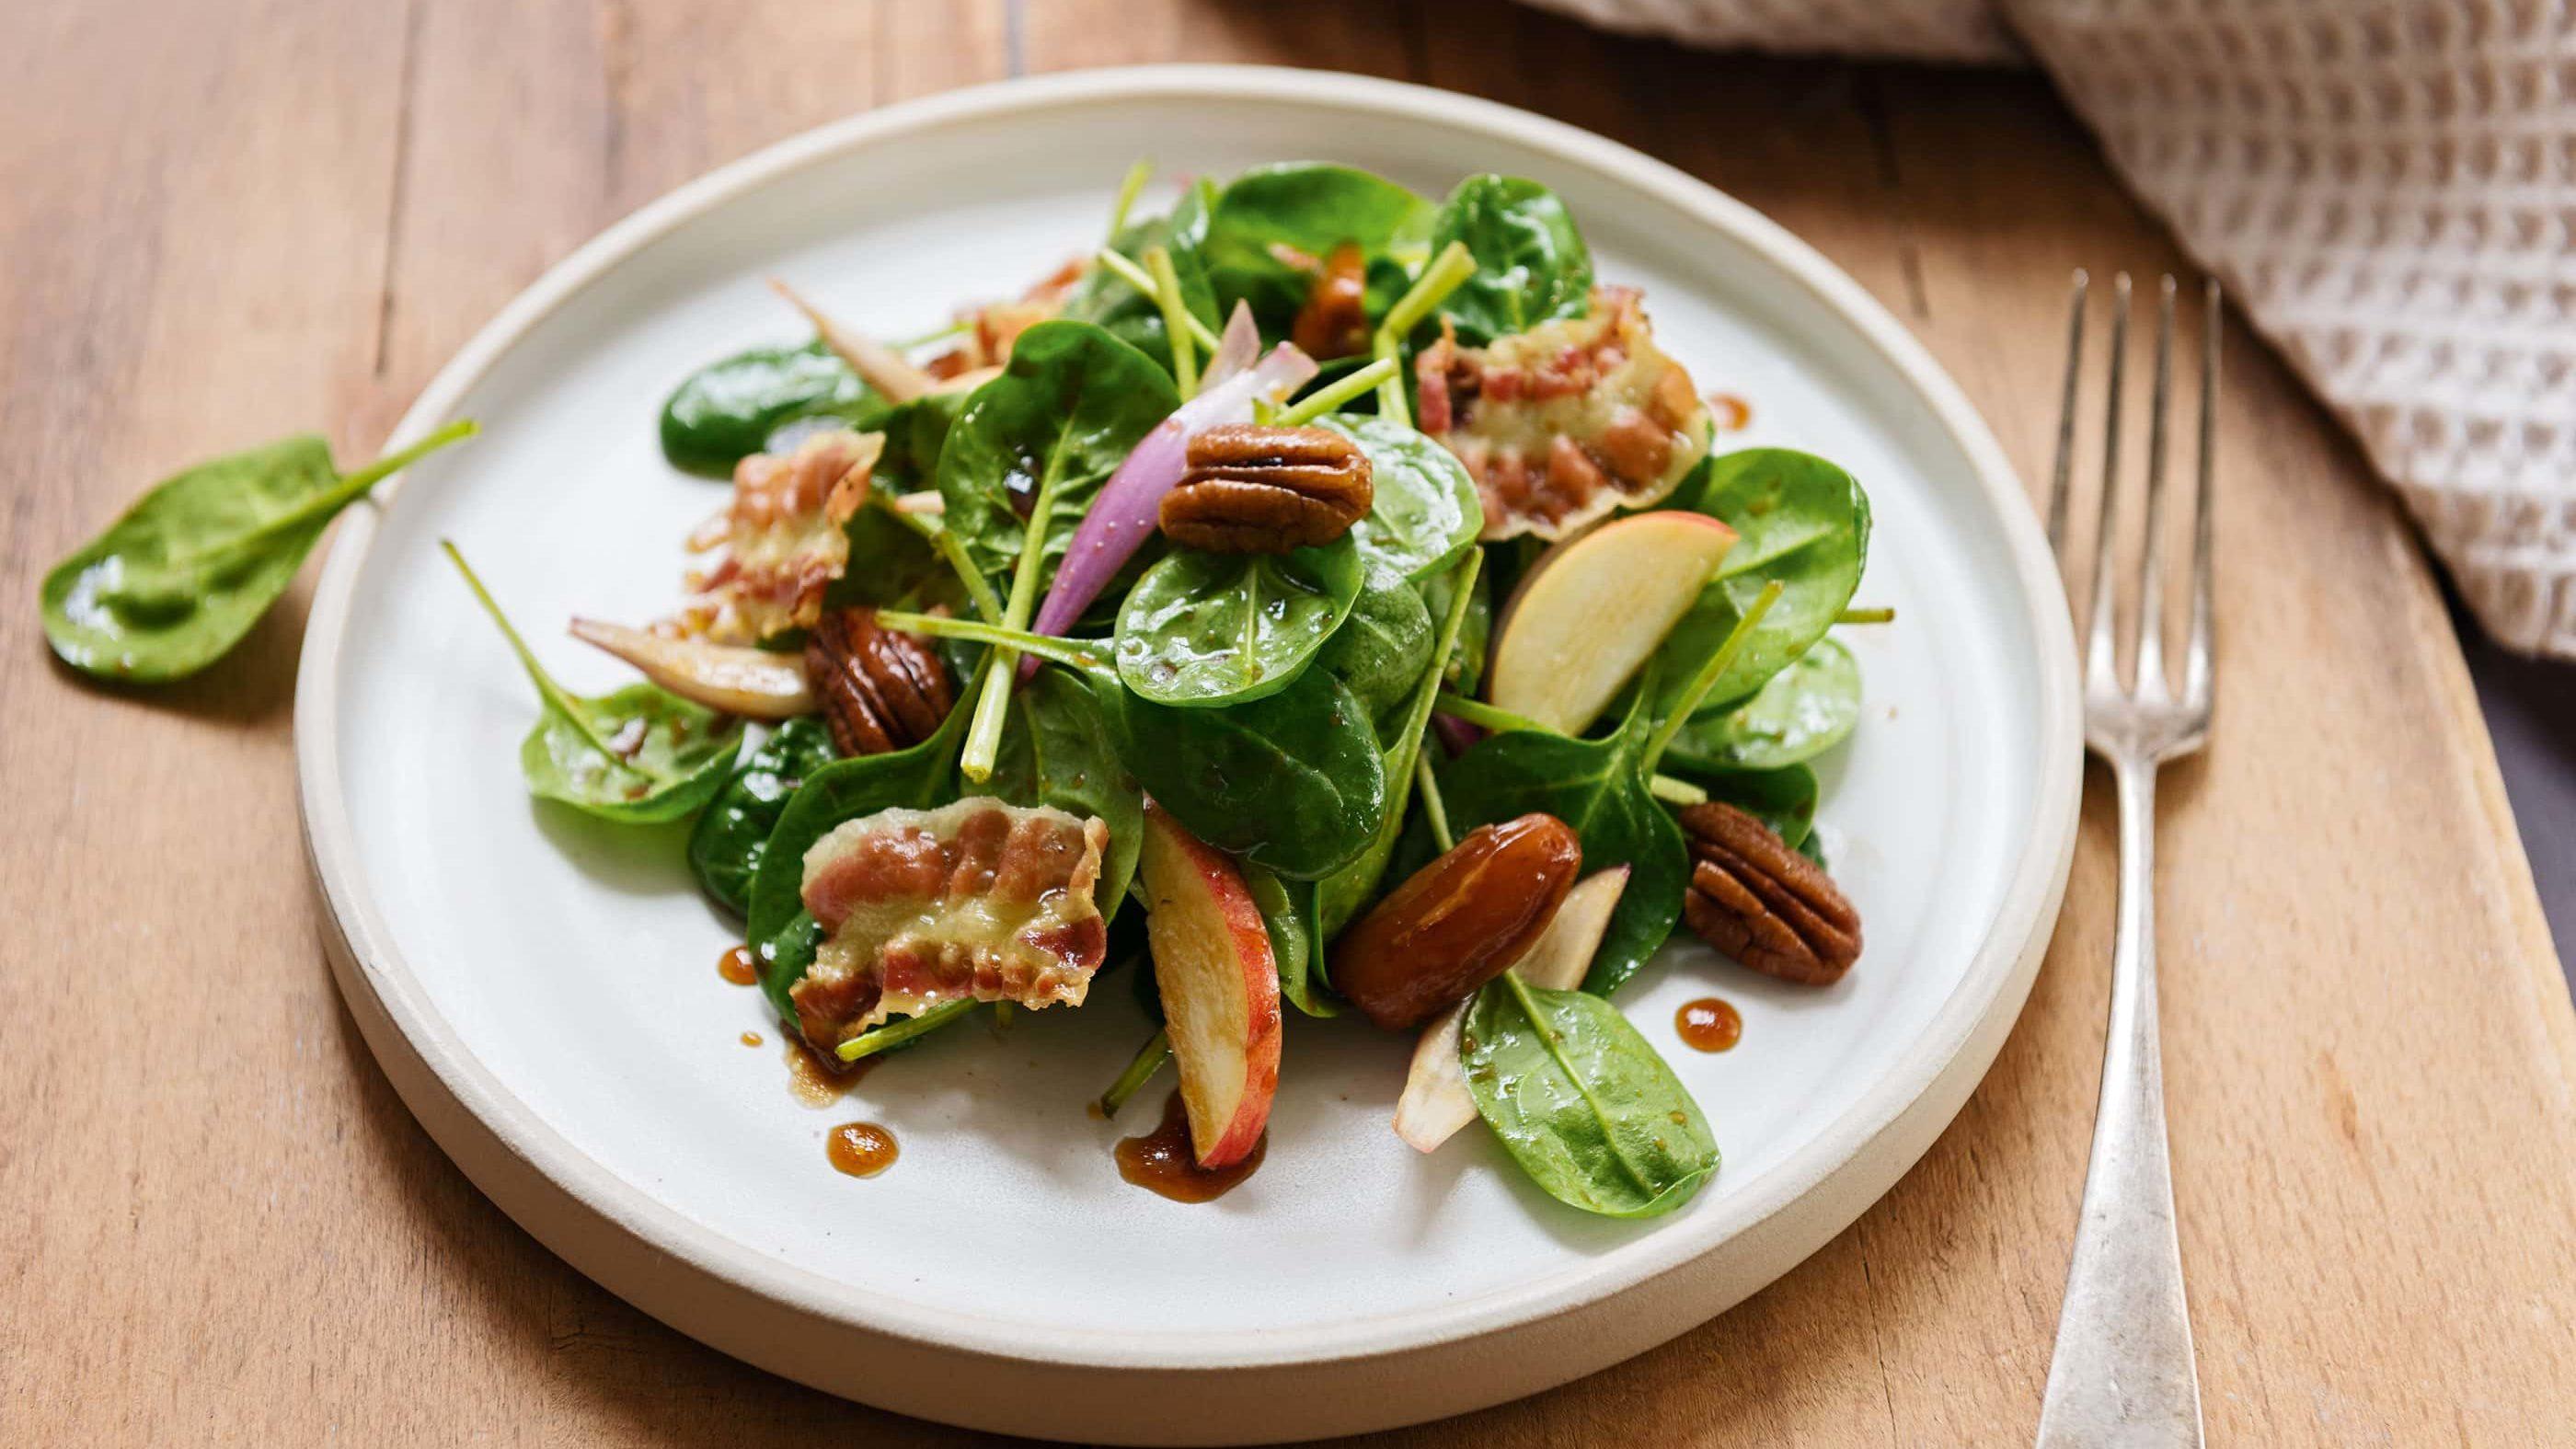 Babyspinat Salat mit Pekannuessen, Apfel und Speck